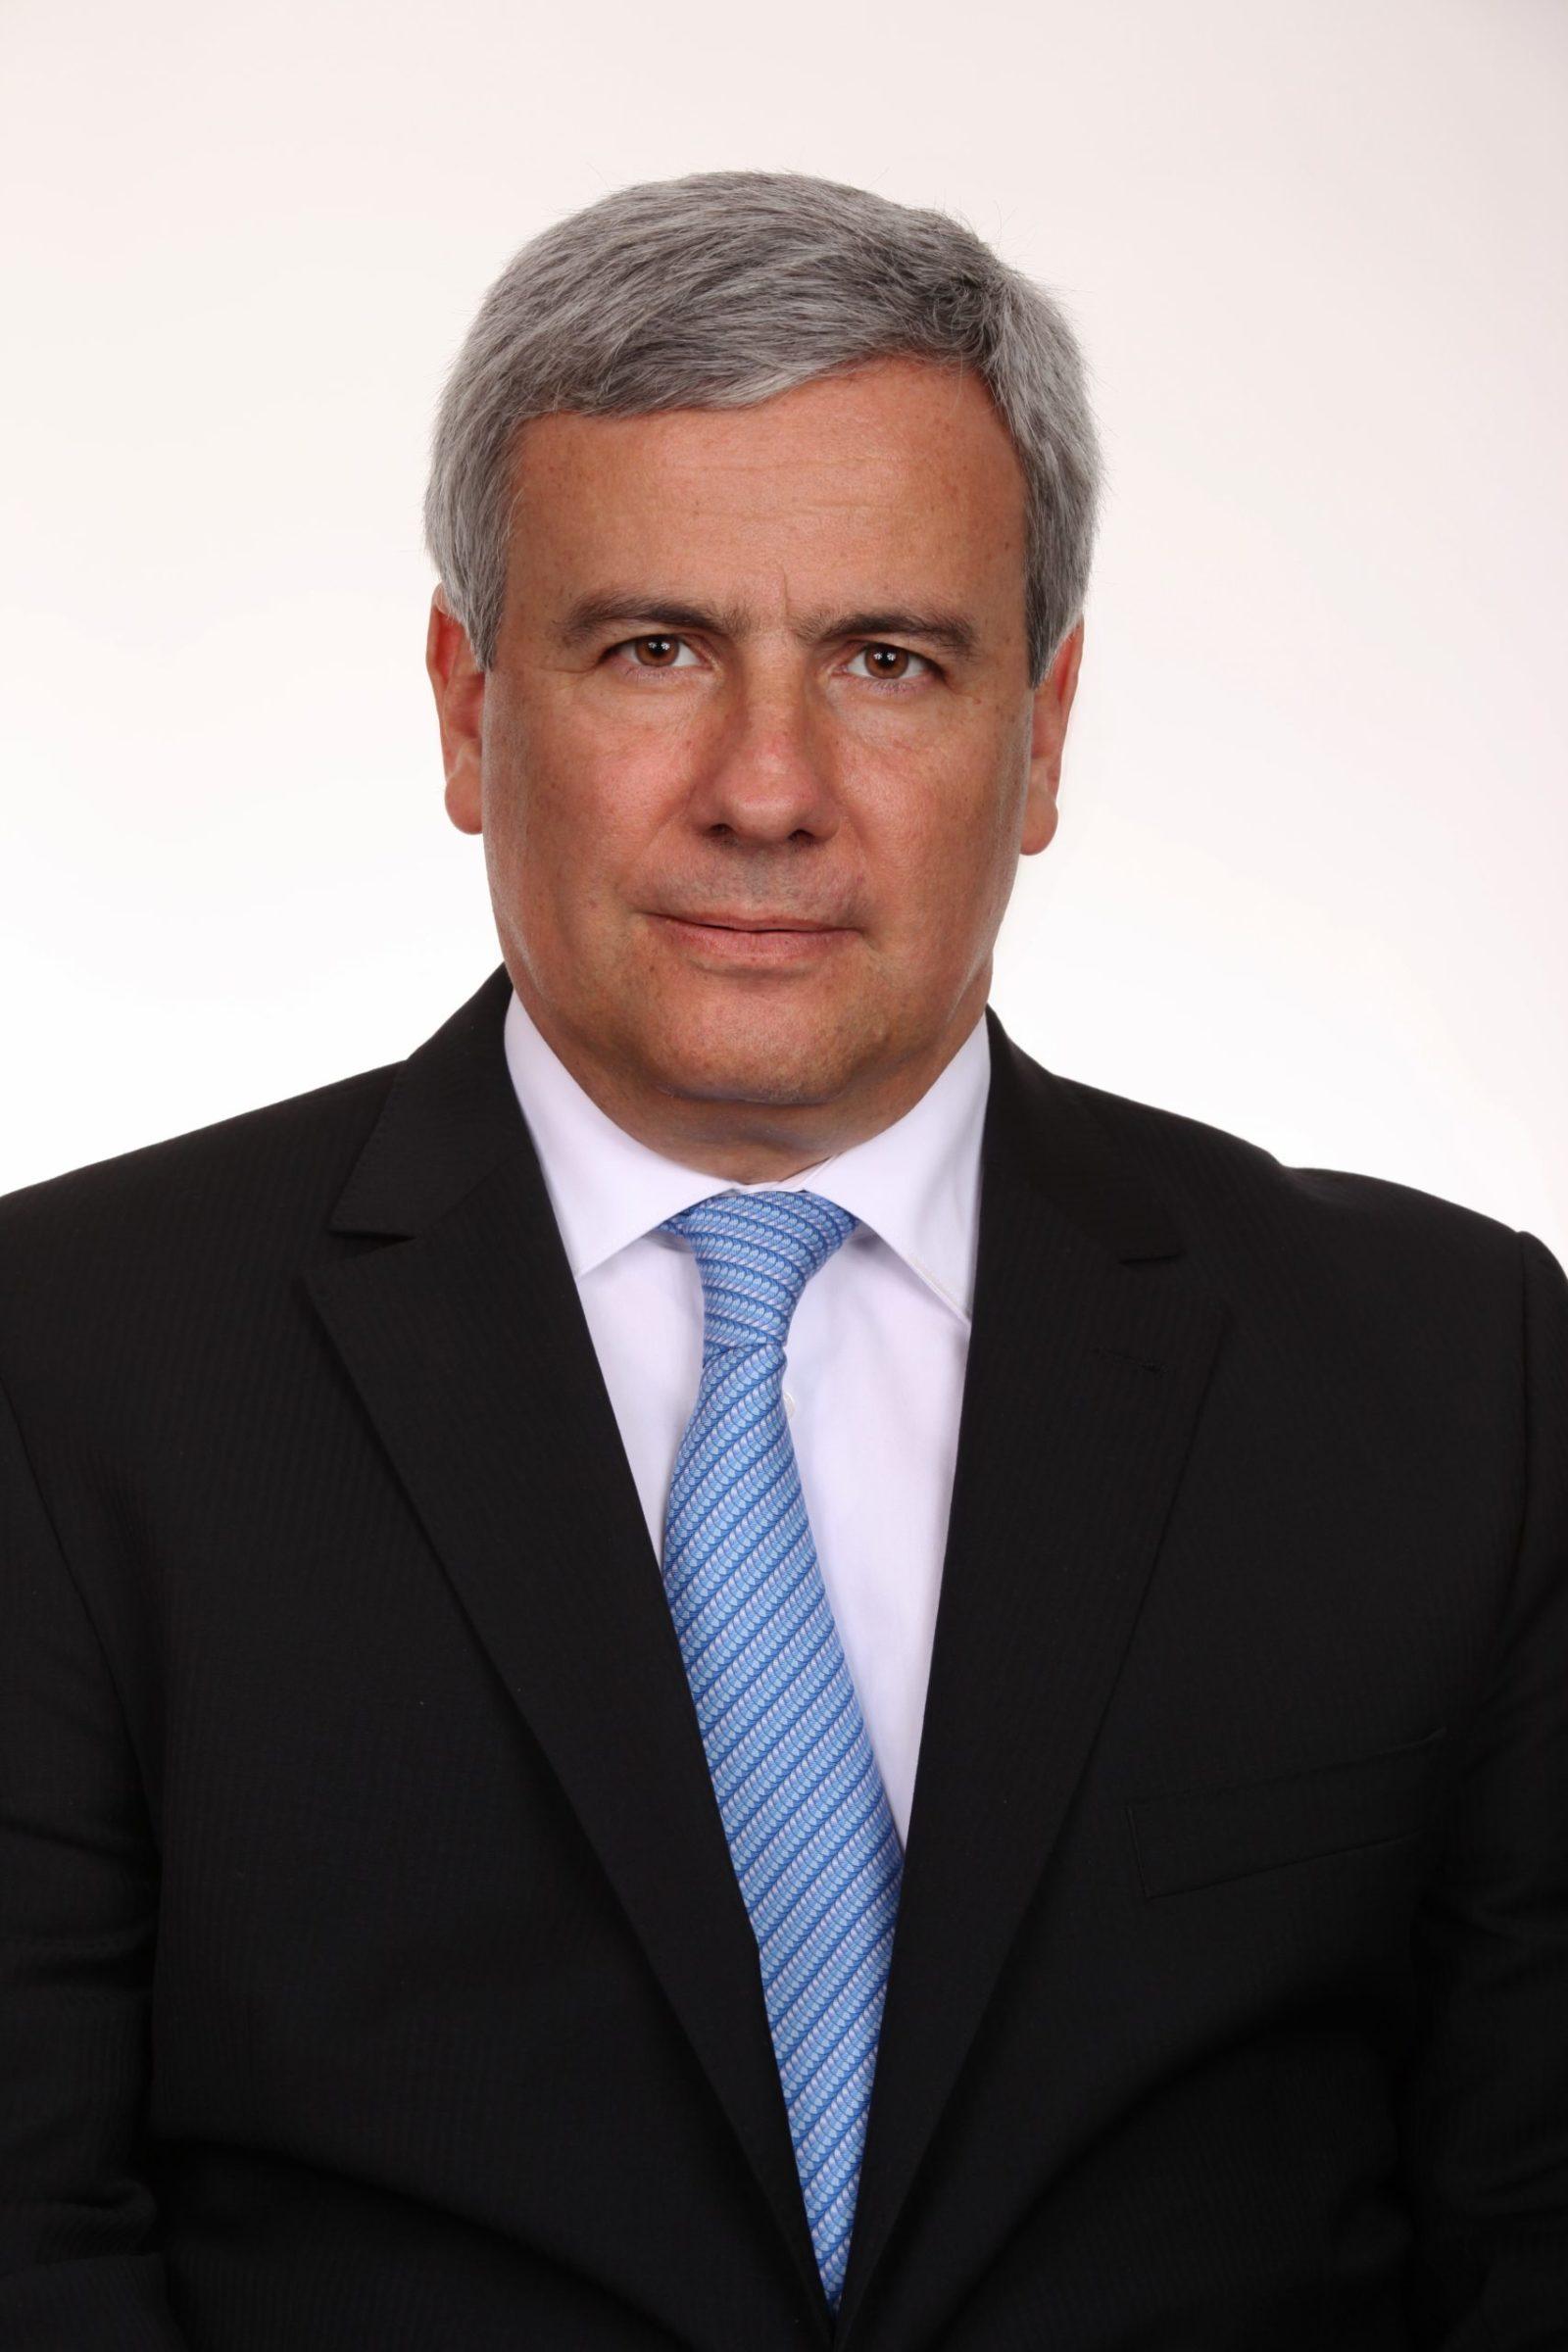 Ο 'Αεινάυτης' Λεωνίδας Δημητριάδης Ευγενίδης  Προέδρος του Ευγενιδείου Ιδρύματος στη Kallithea Press